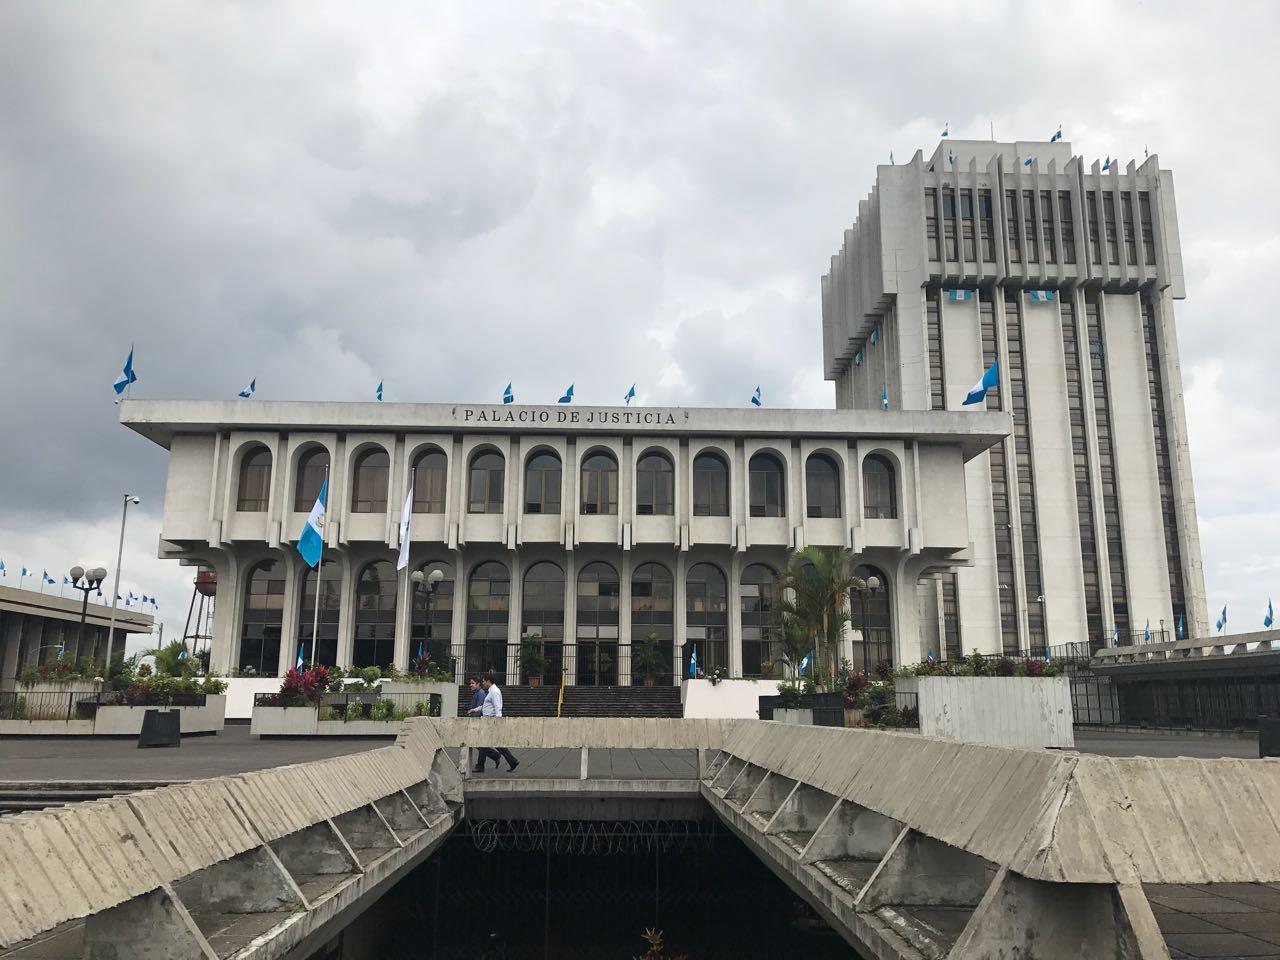 csj , fachada, corte suprema de justicia , palacio de justicia, tribunales